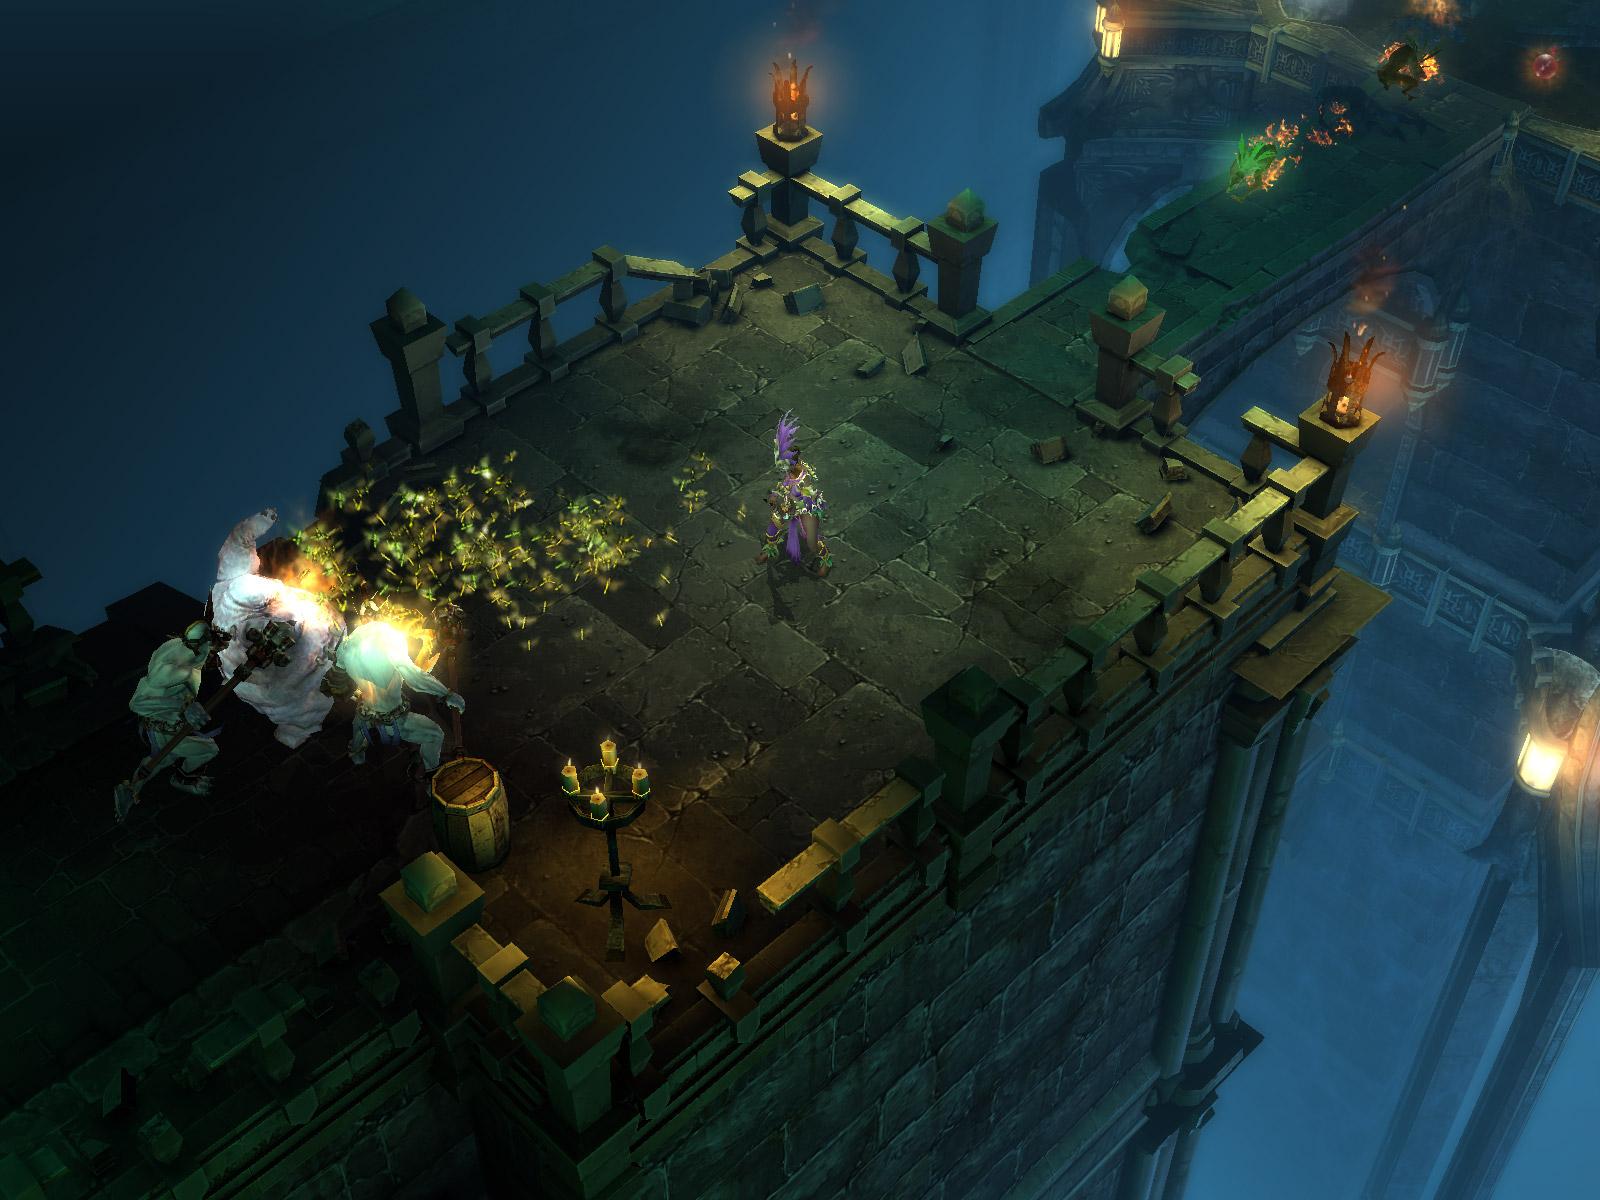 diablo 3 screenshot6 - Diablo III (PC) Review